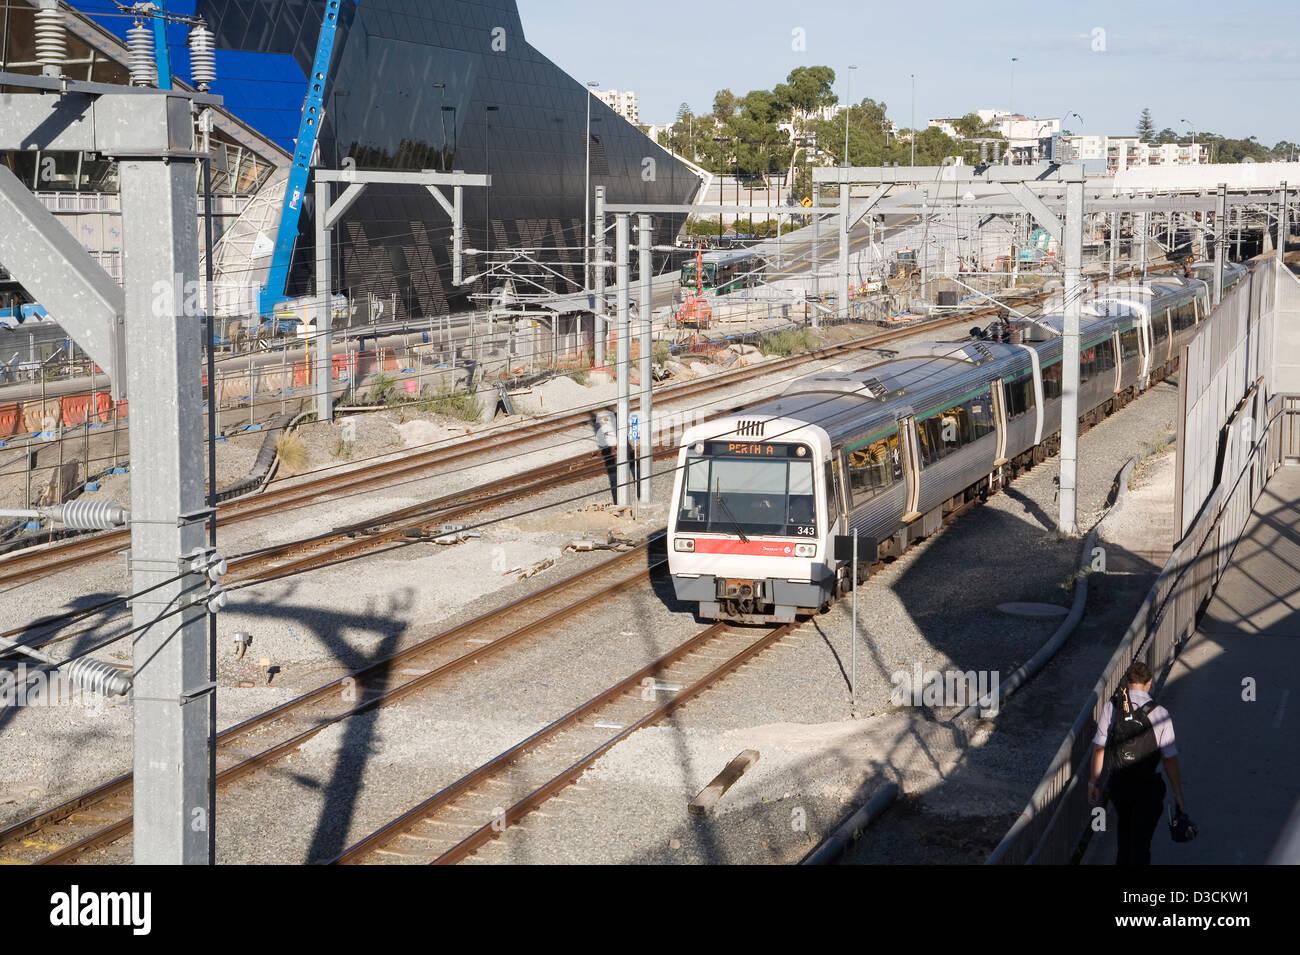 Zug, Infrastruktur und Umgebungskonstruktion arbeiten in Perth, Western Australia. Stockbild